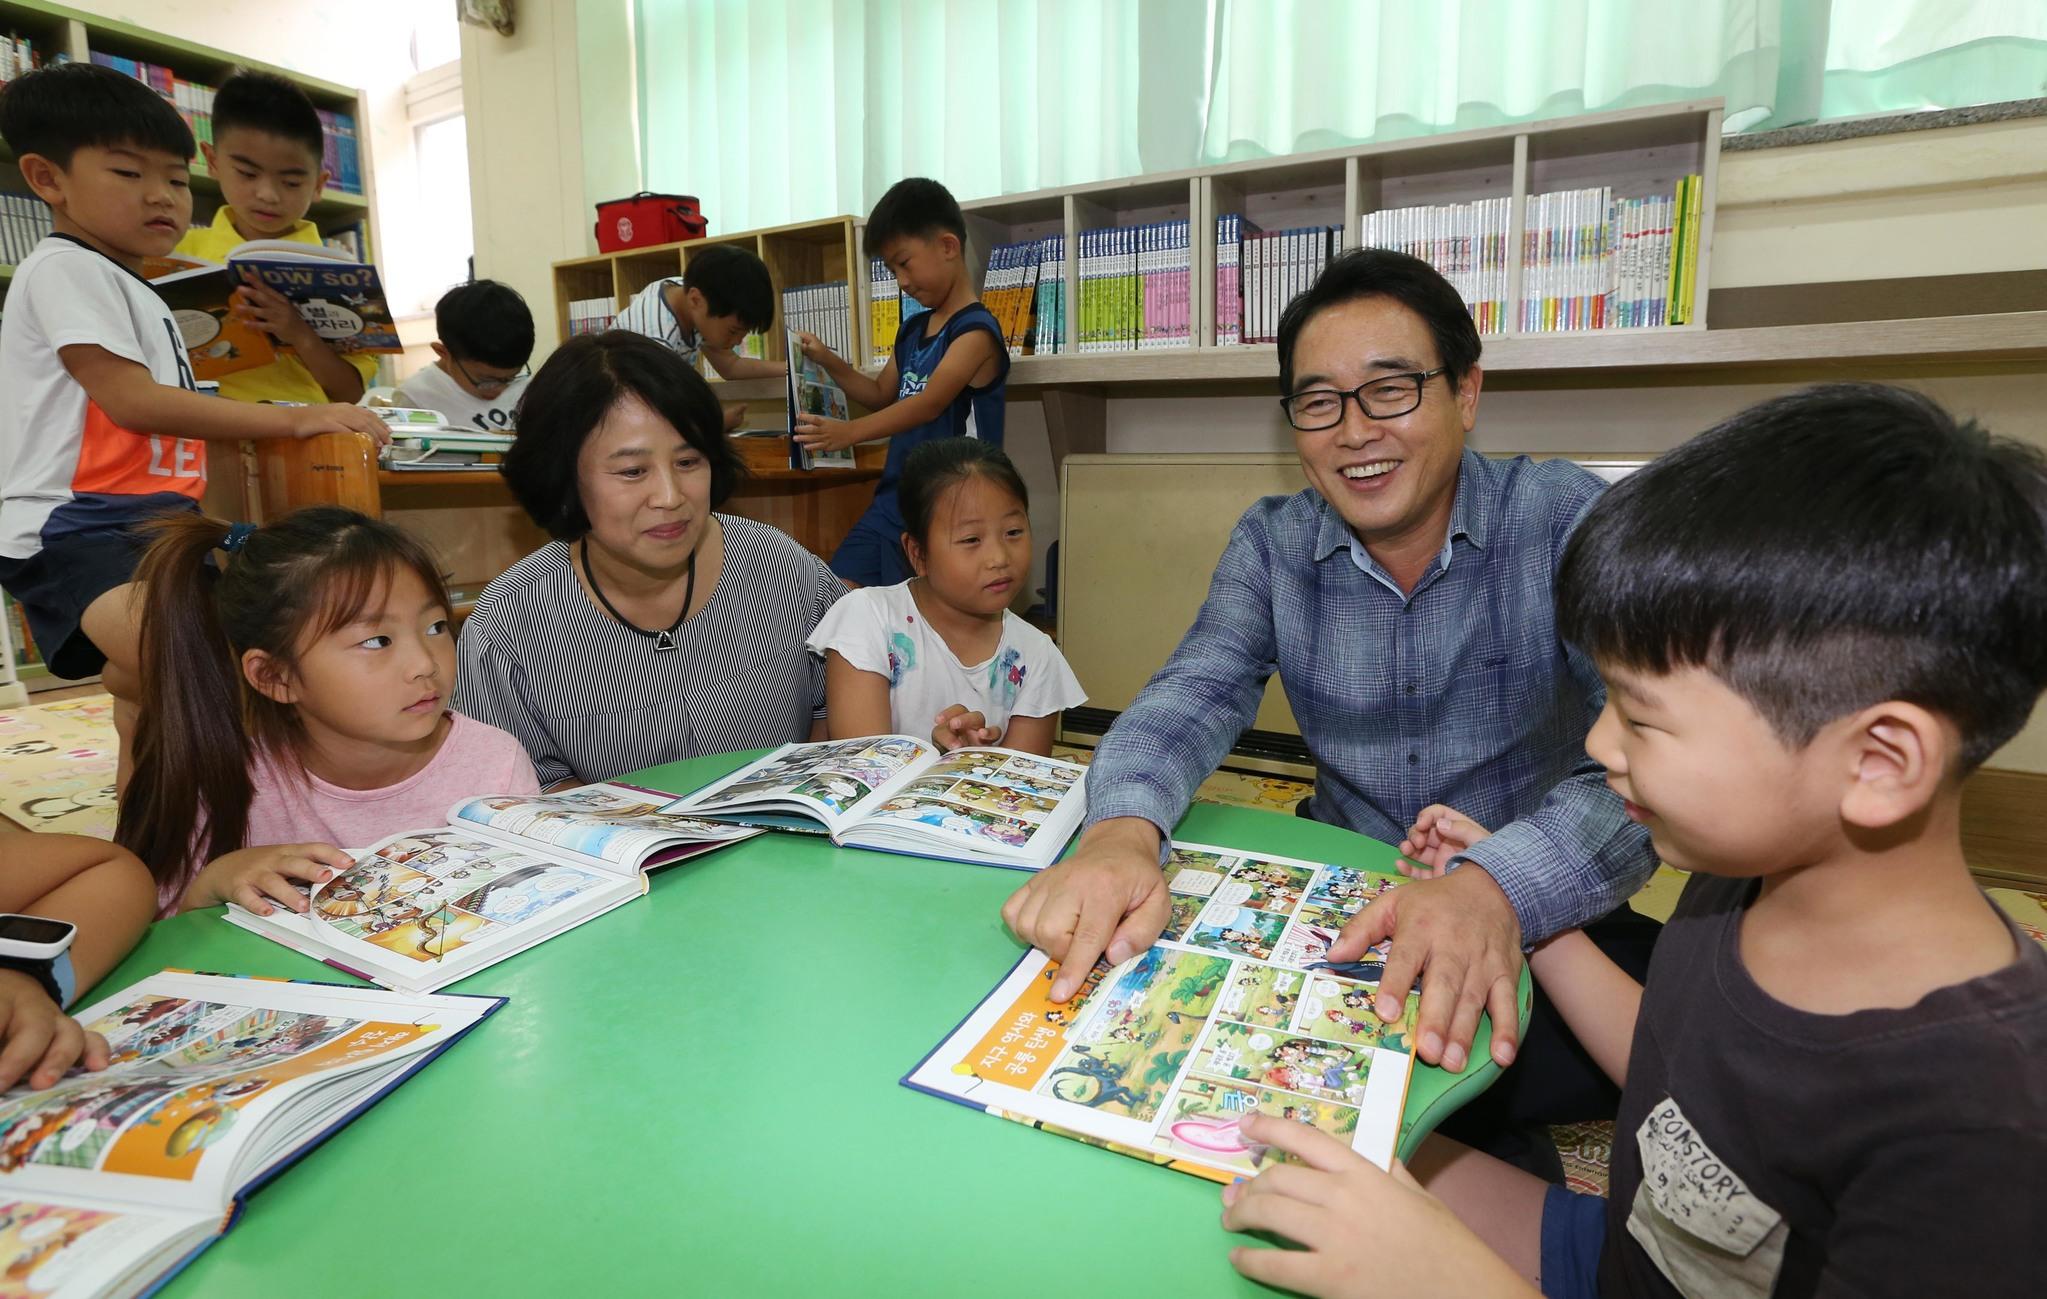 경기도 양평의 개군초등학교의 돌봄교실에서 아이들과 학교 관계자들이 함께 책을 읽고 있다. 19일 문재인 정부는 온종일 돌봄교실을 초등학교 전 학년으로 확대하겠다고 밝혔다. [중앙포토]